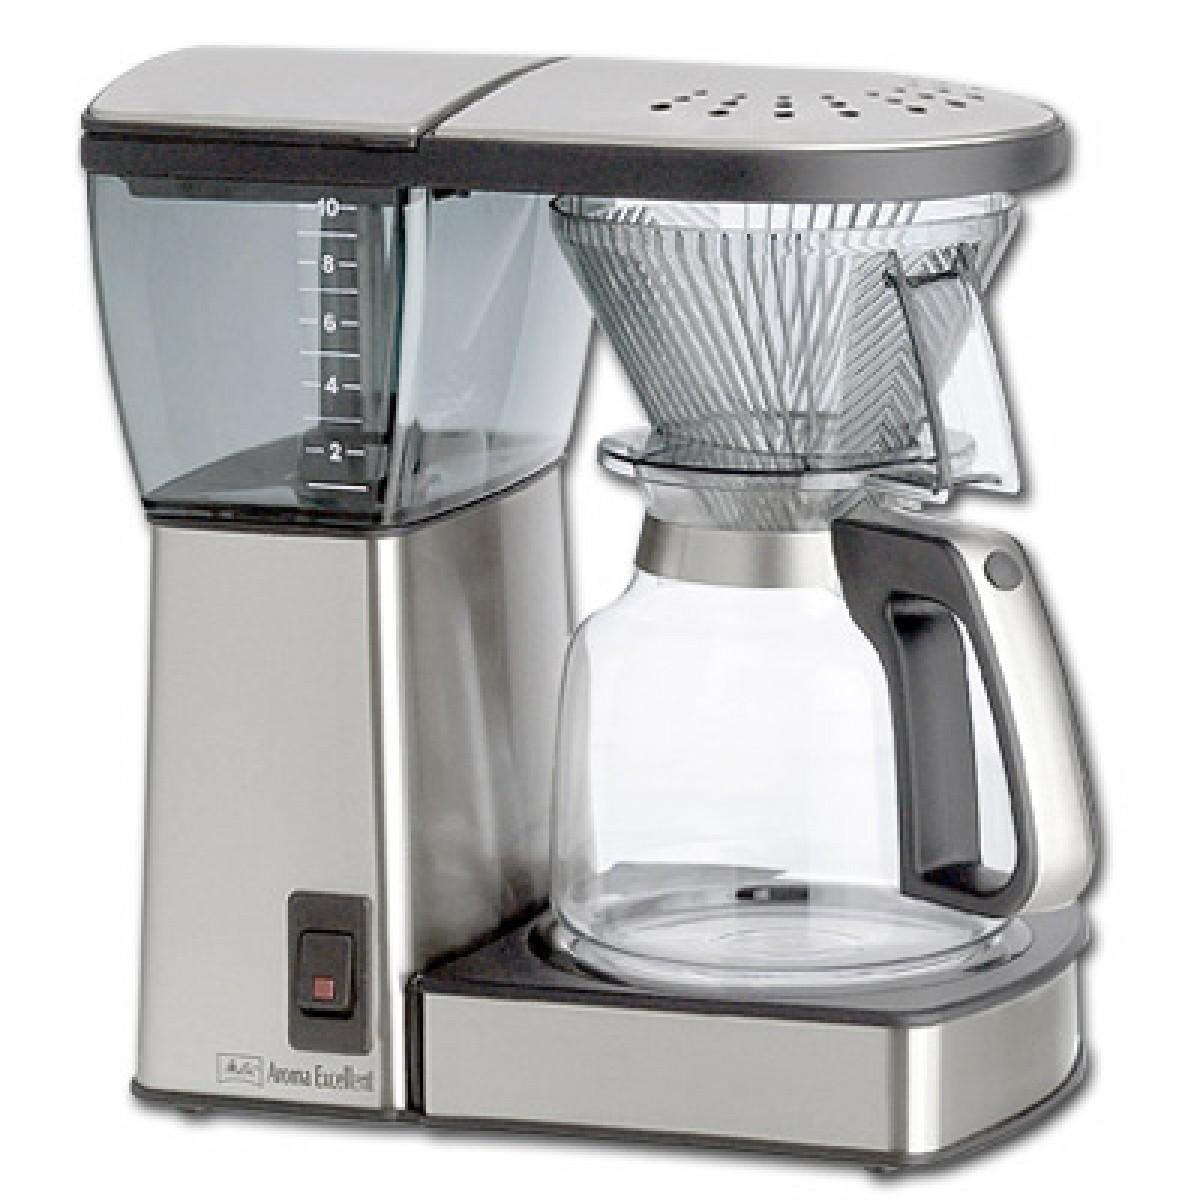 MELITTA Kaffemaskine excellent stål